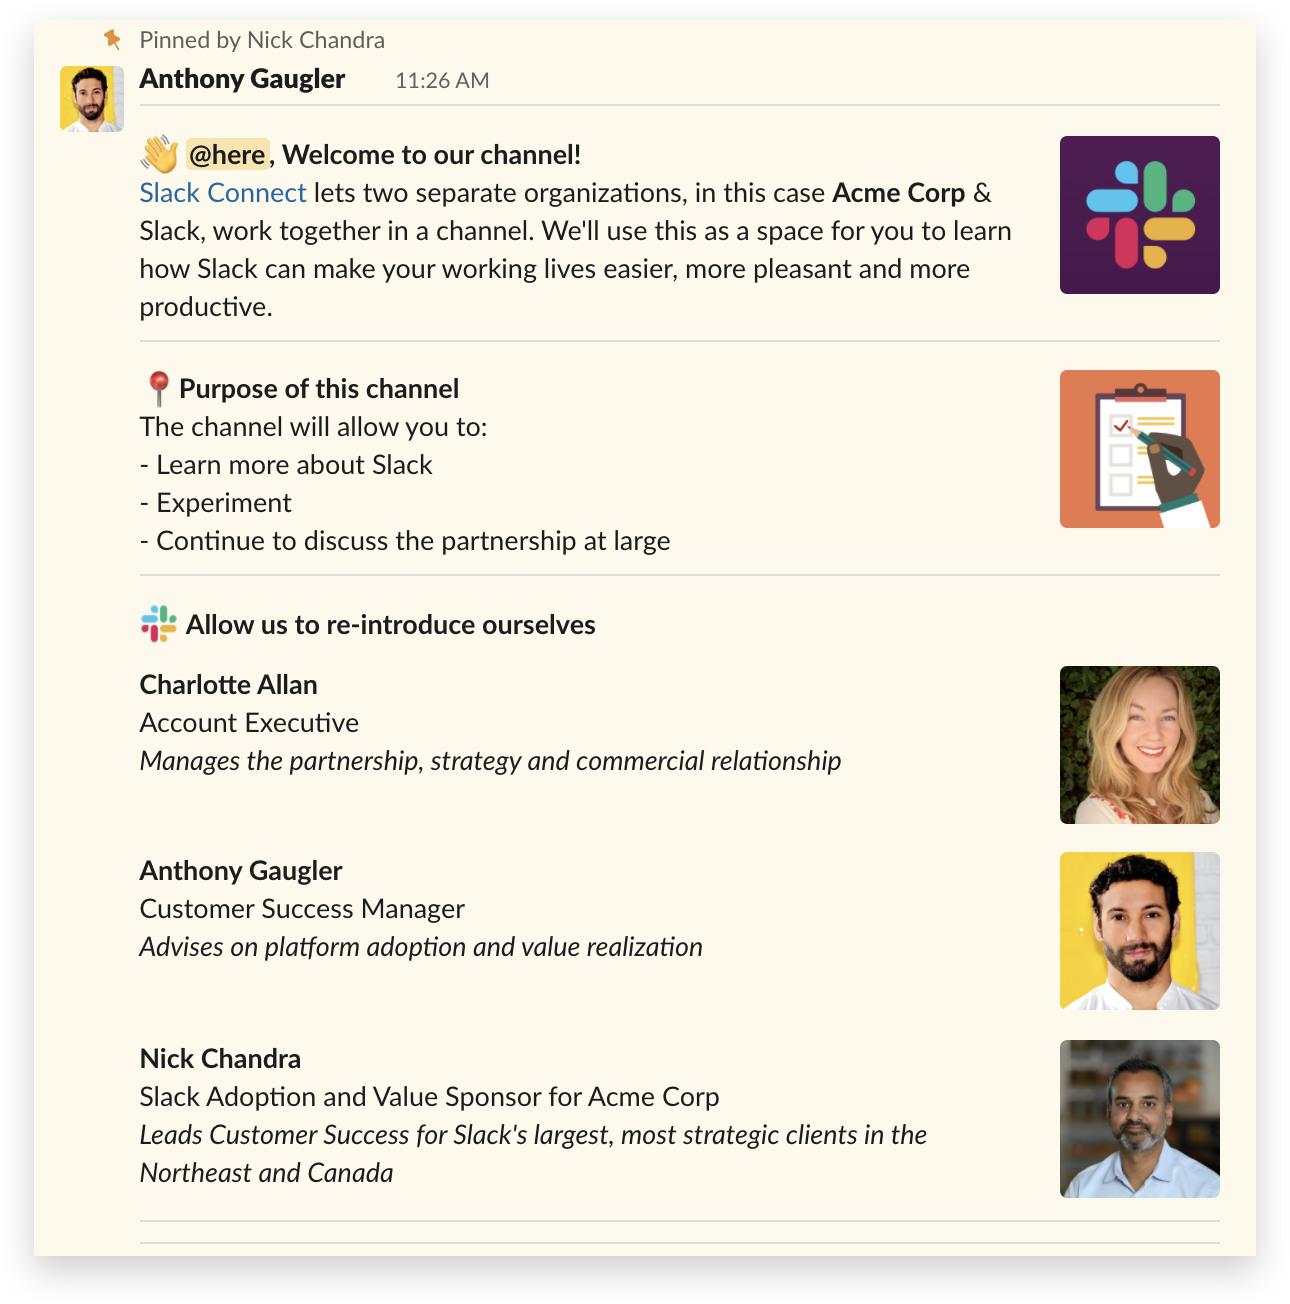 A Slack Connect message built with Block Kit